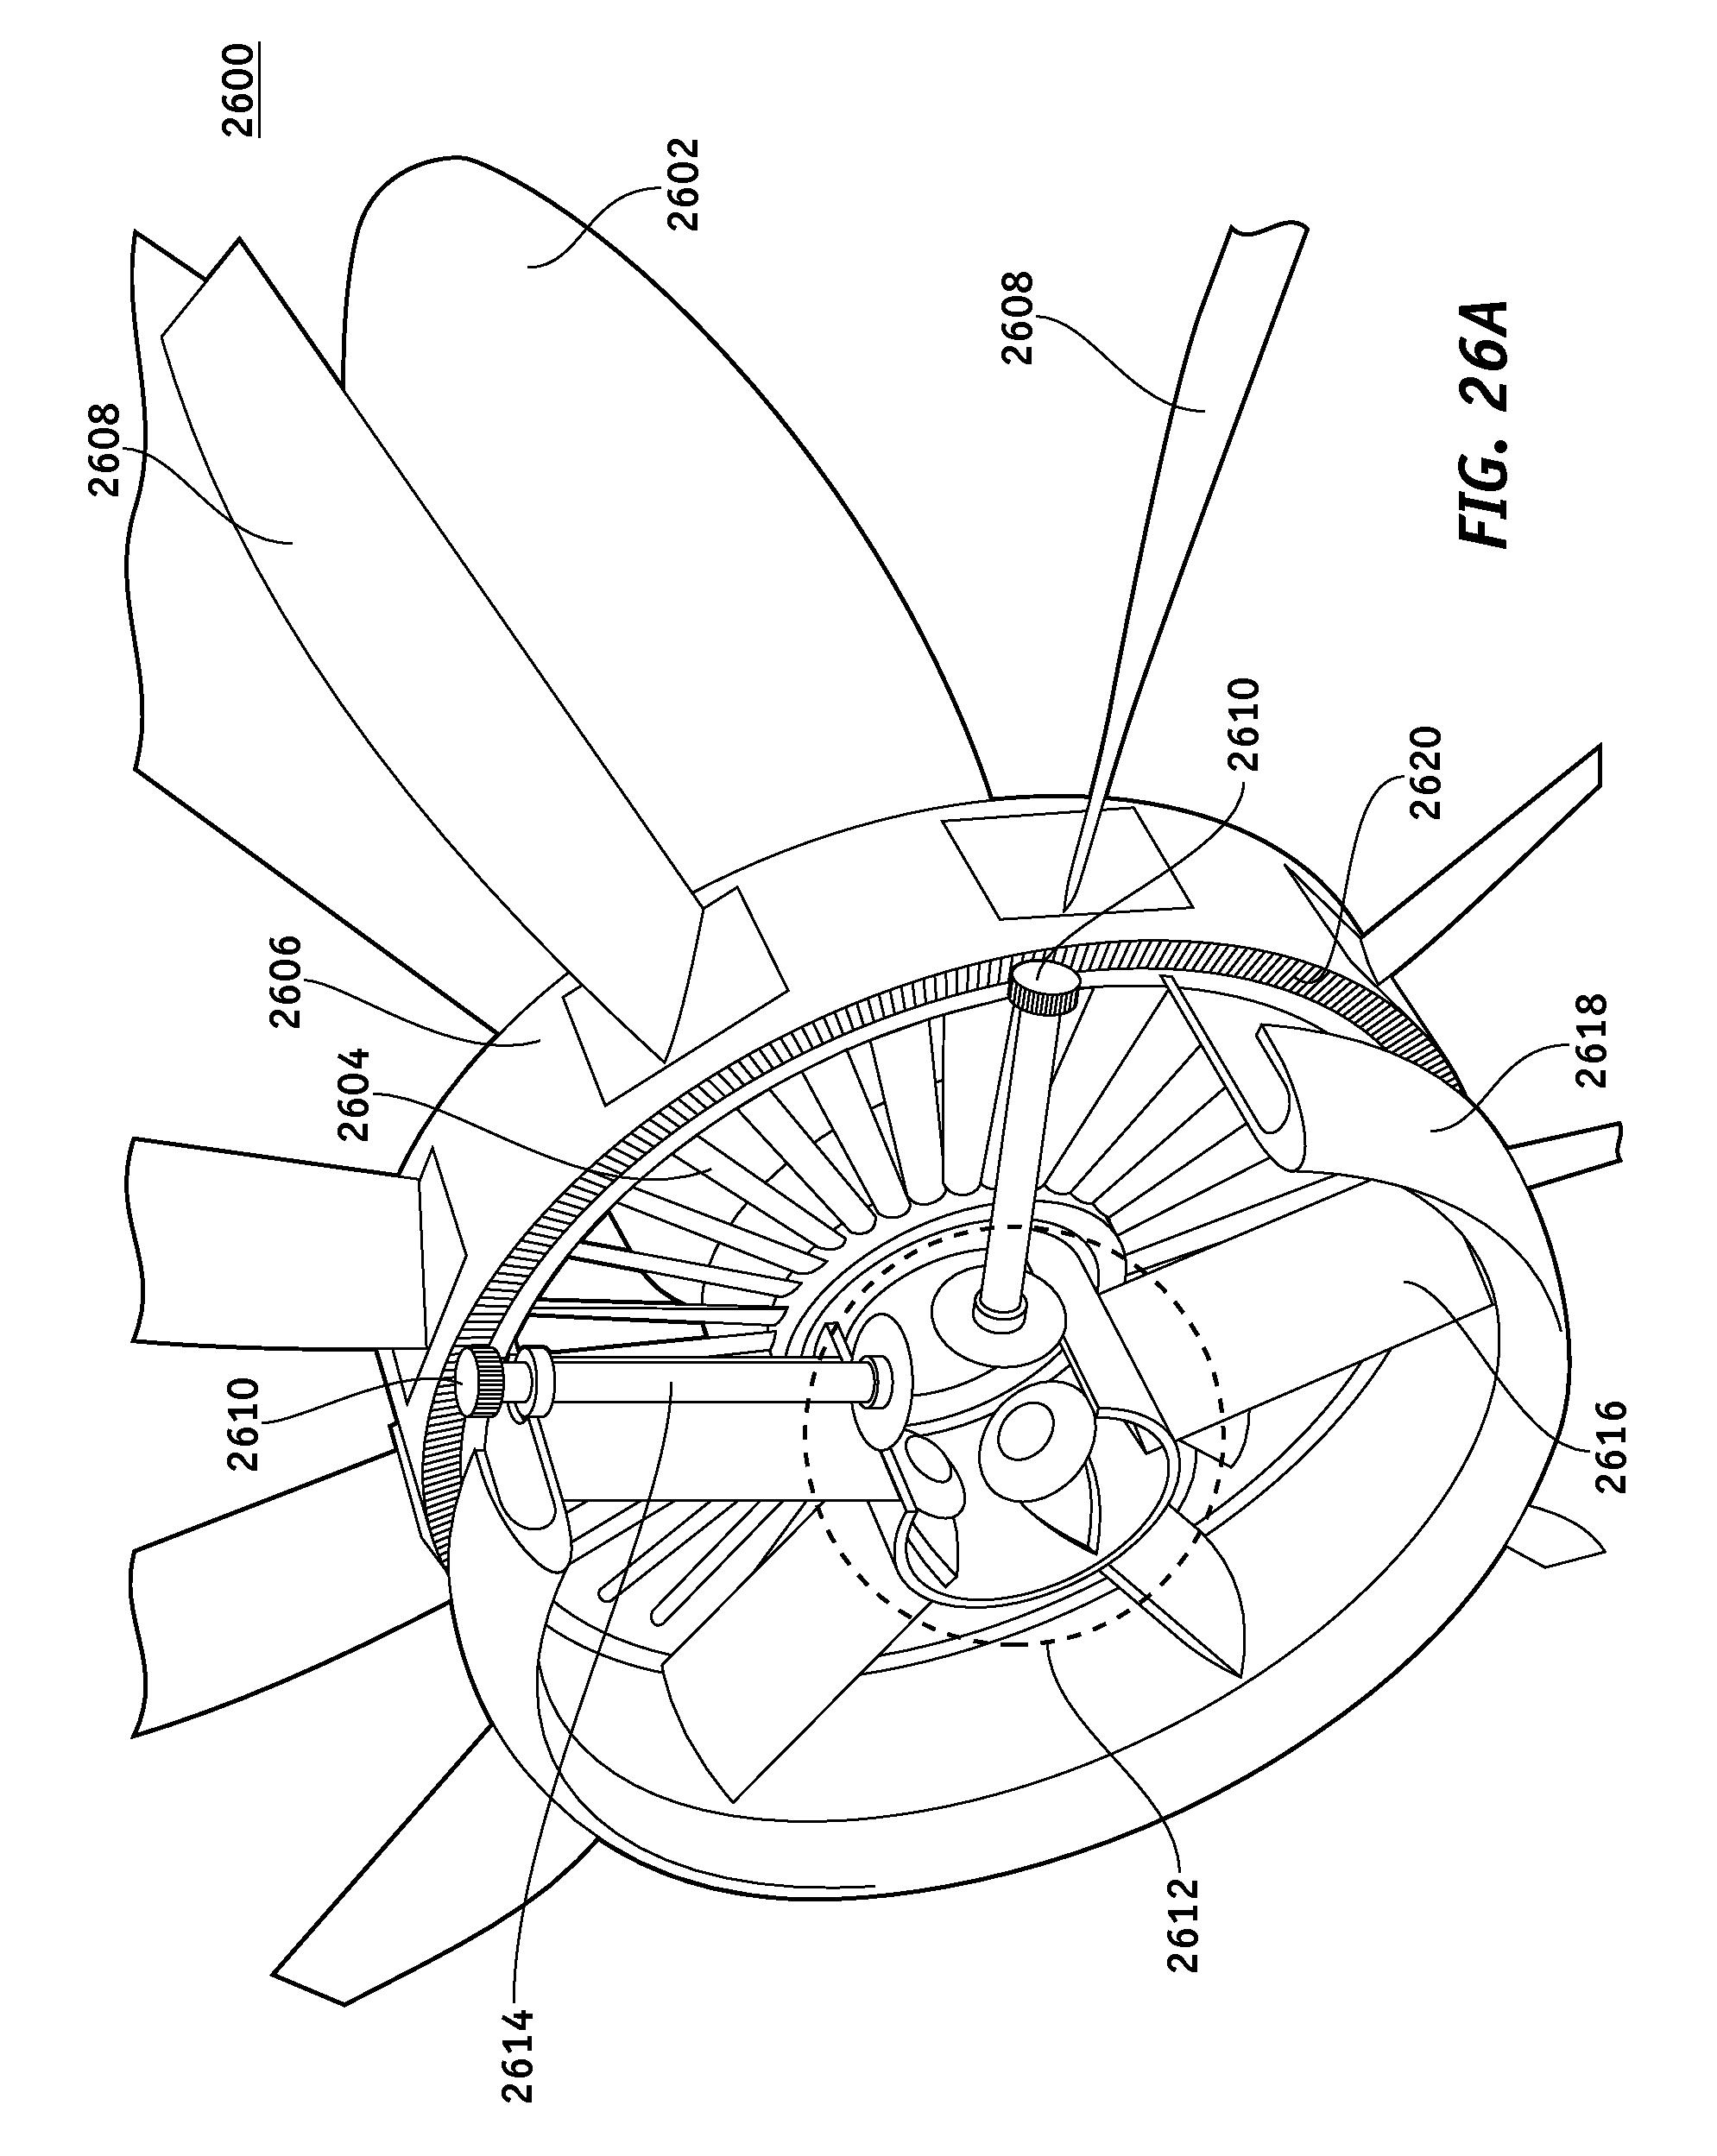 patent us8689538